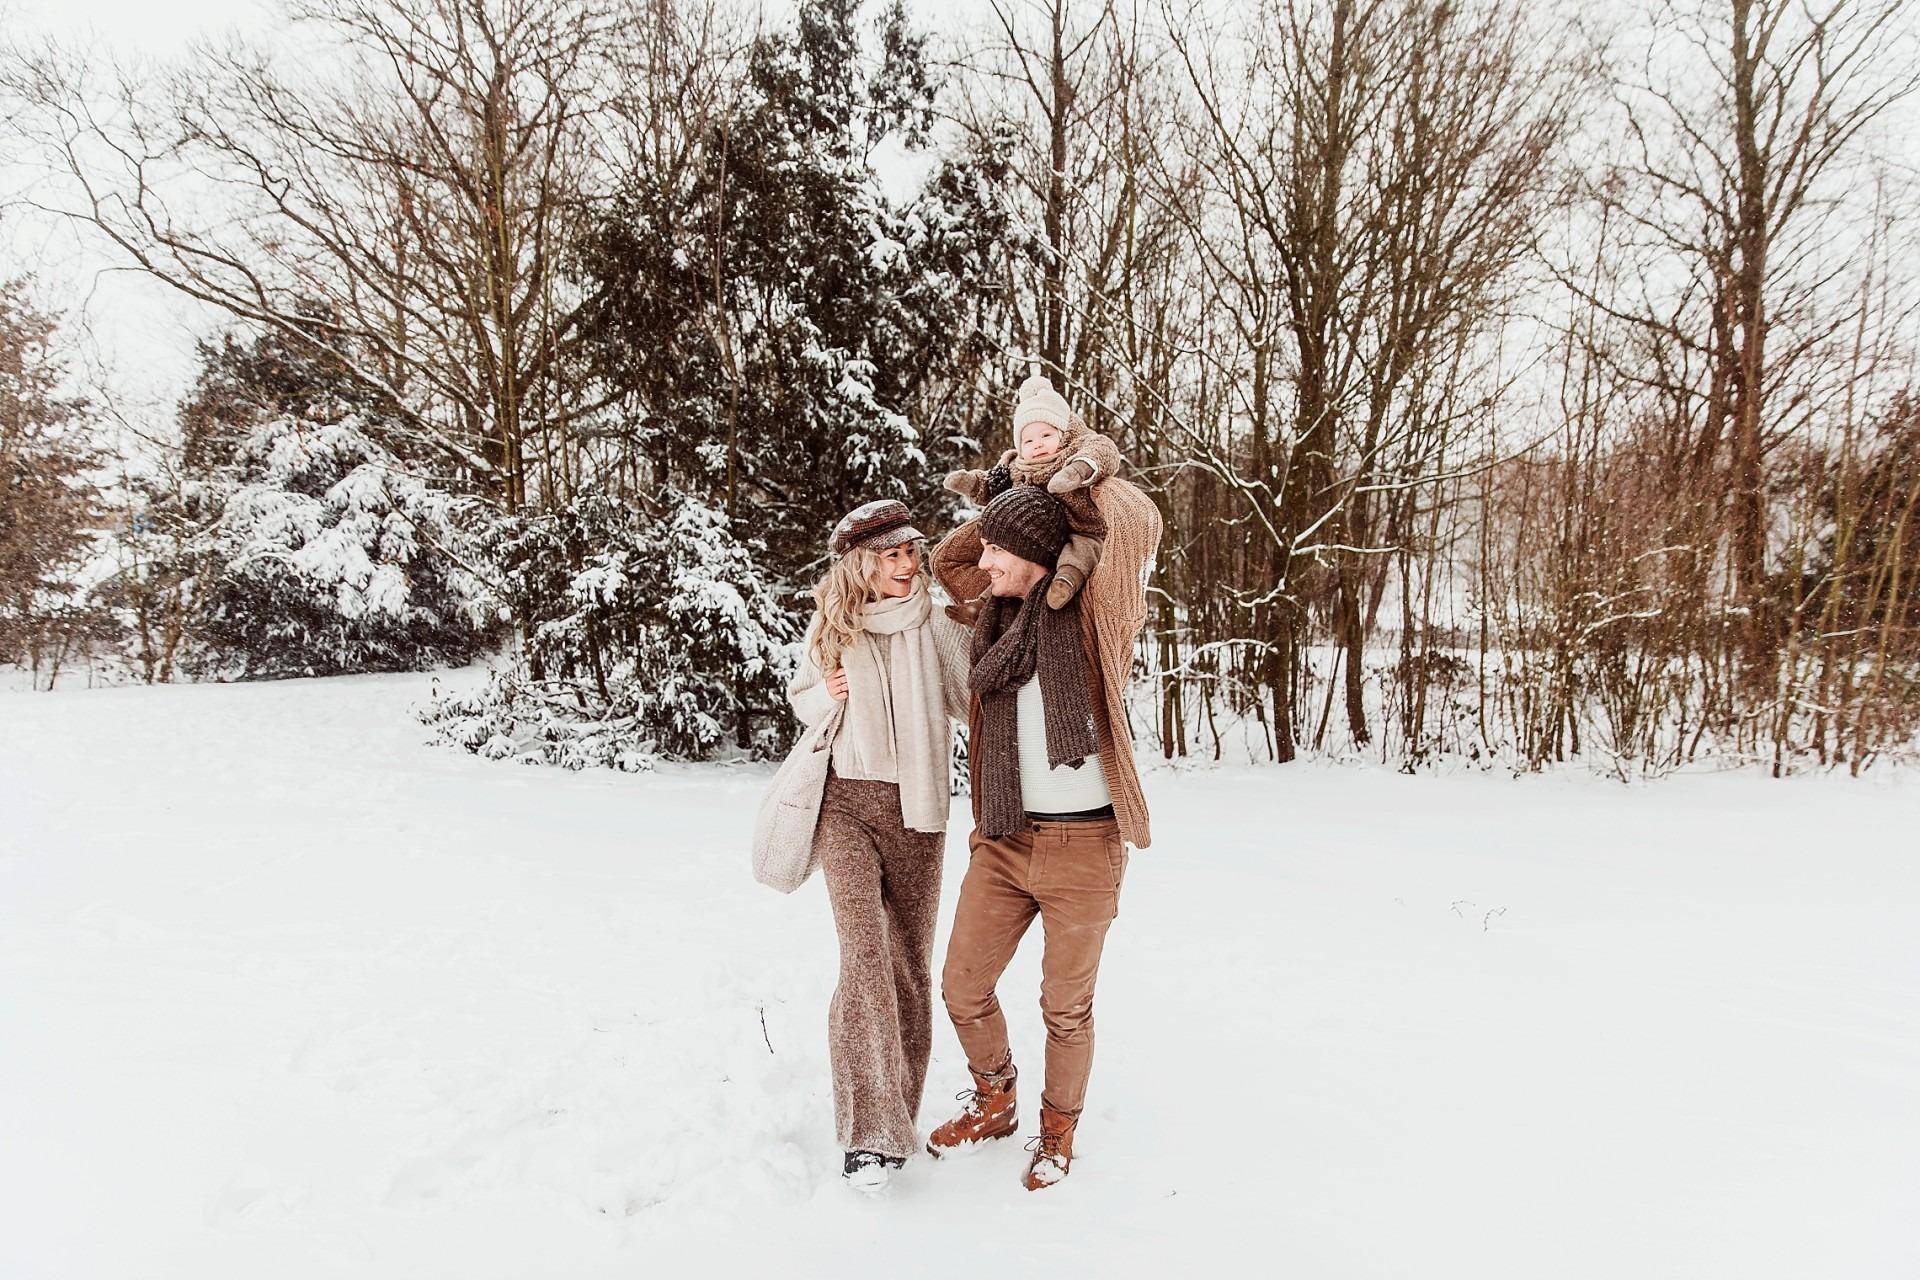 Fotoshoot in de sneeuw, Wijchen